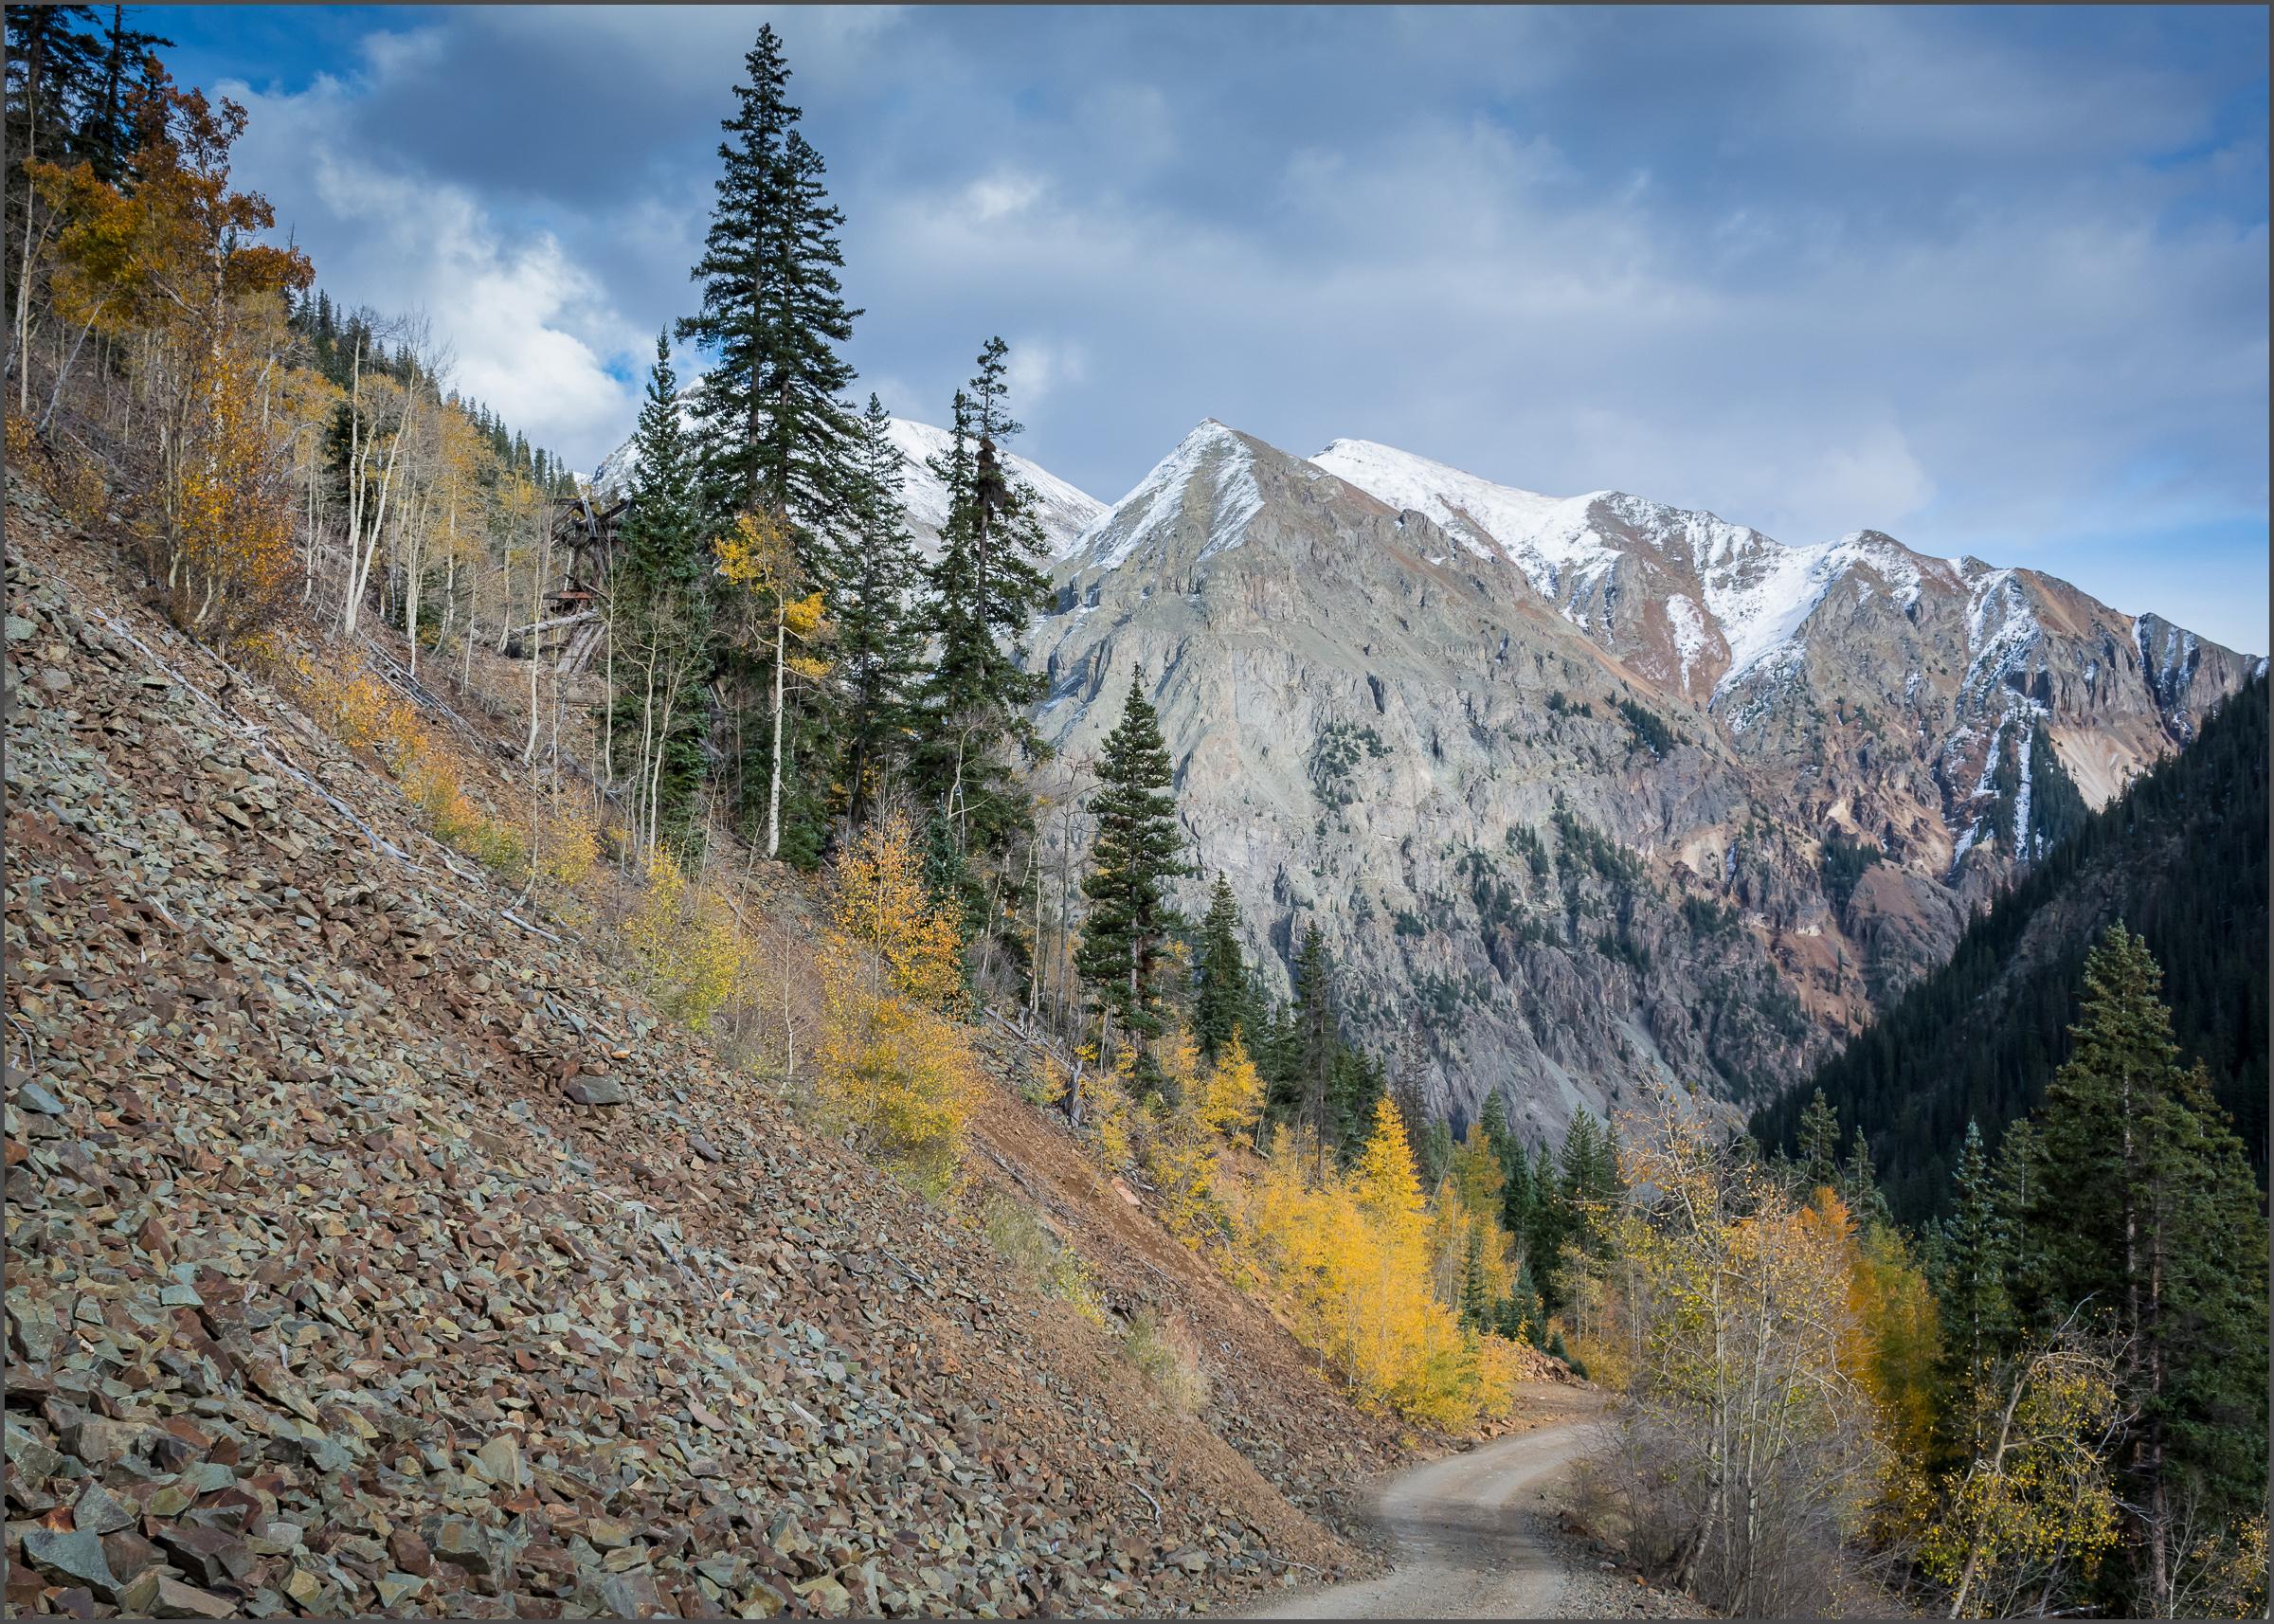 A Road to Silverton, Colorado